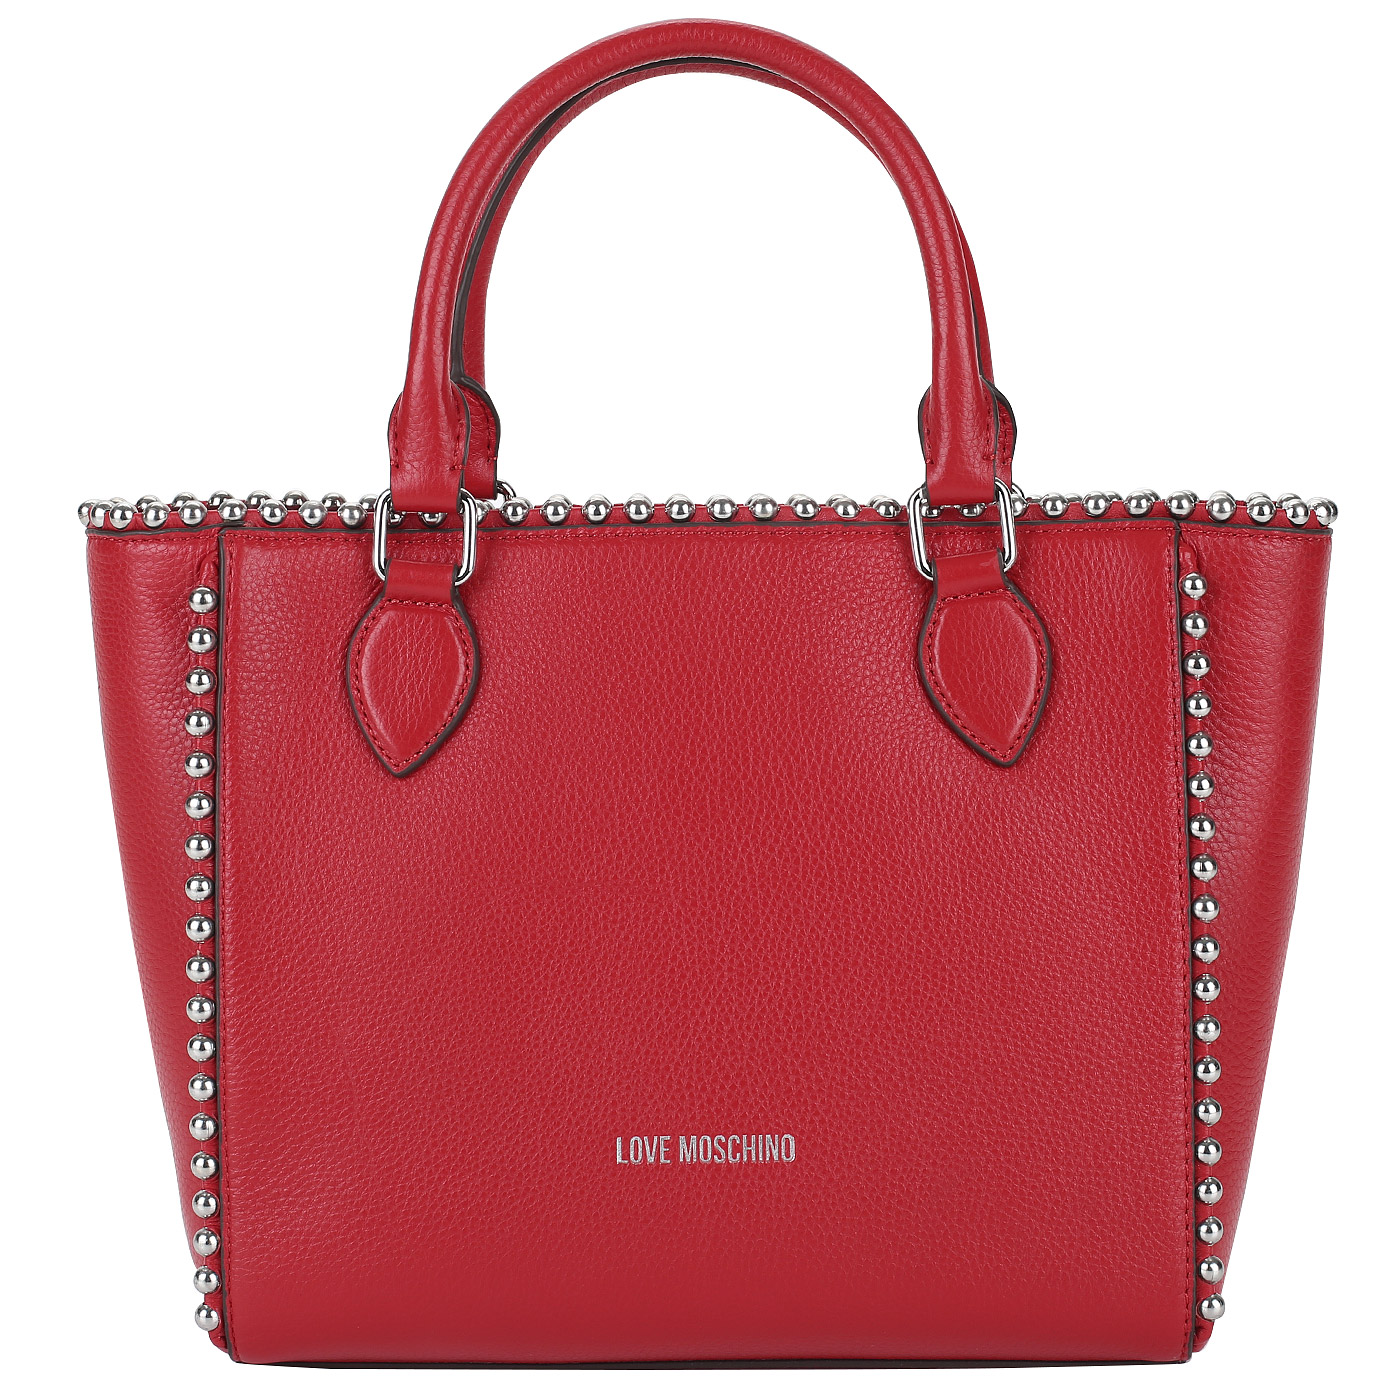 64951cee5ef3 Женская сумка из красной кожи Love Moschino Pallina JC4126PP15_500 ...